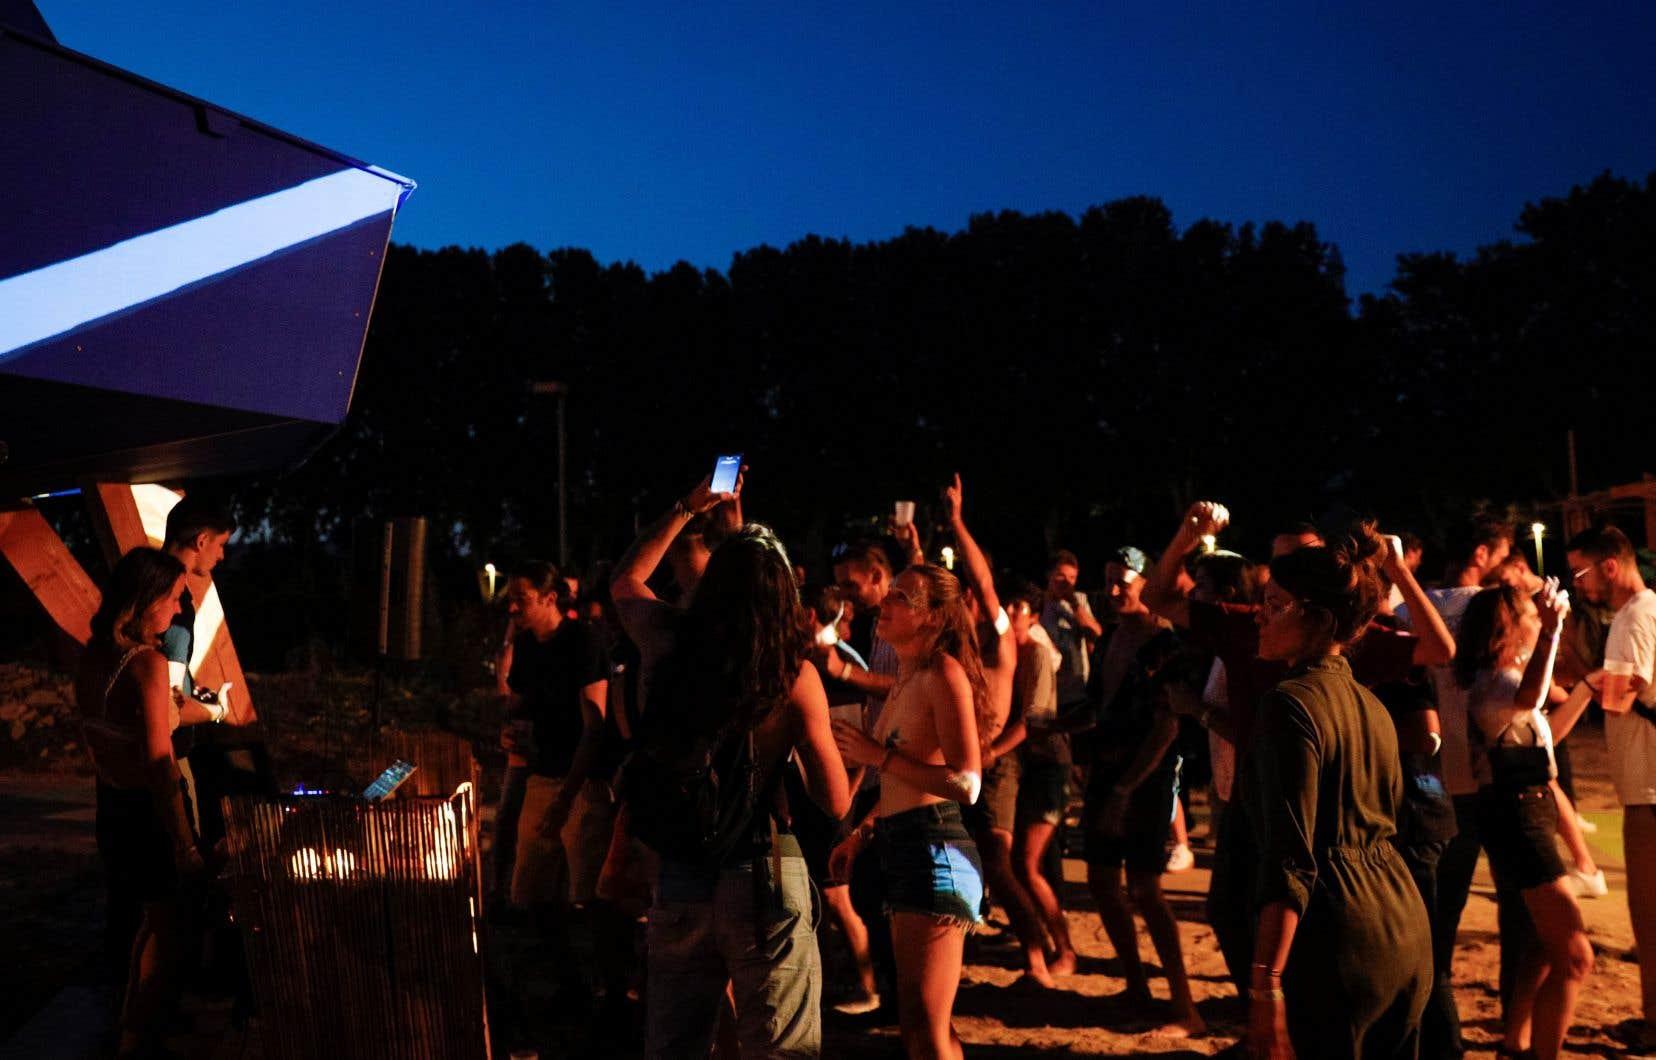 Le secret de ces fêtes technos clandestines a fini par s'ébruiter. La police a commencé à intervenir mi-juillet, pour disperser les fêtards et saisir le matériel des organisateurs.